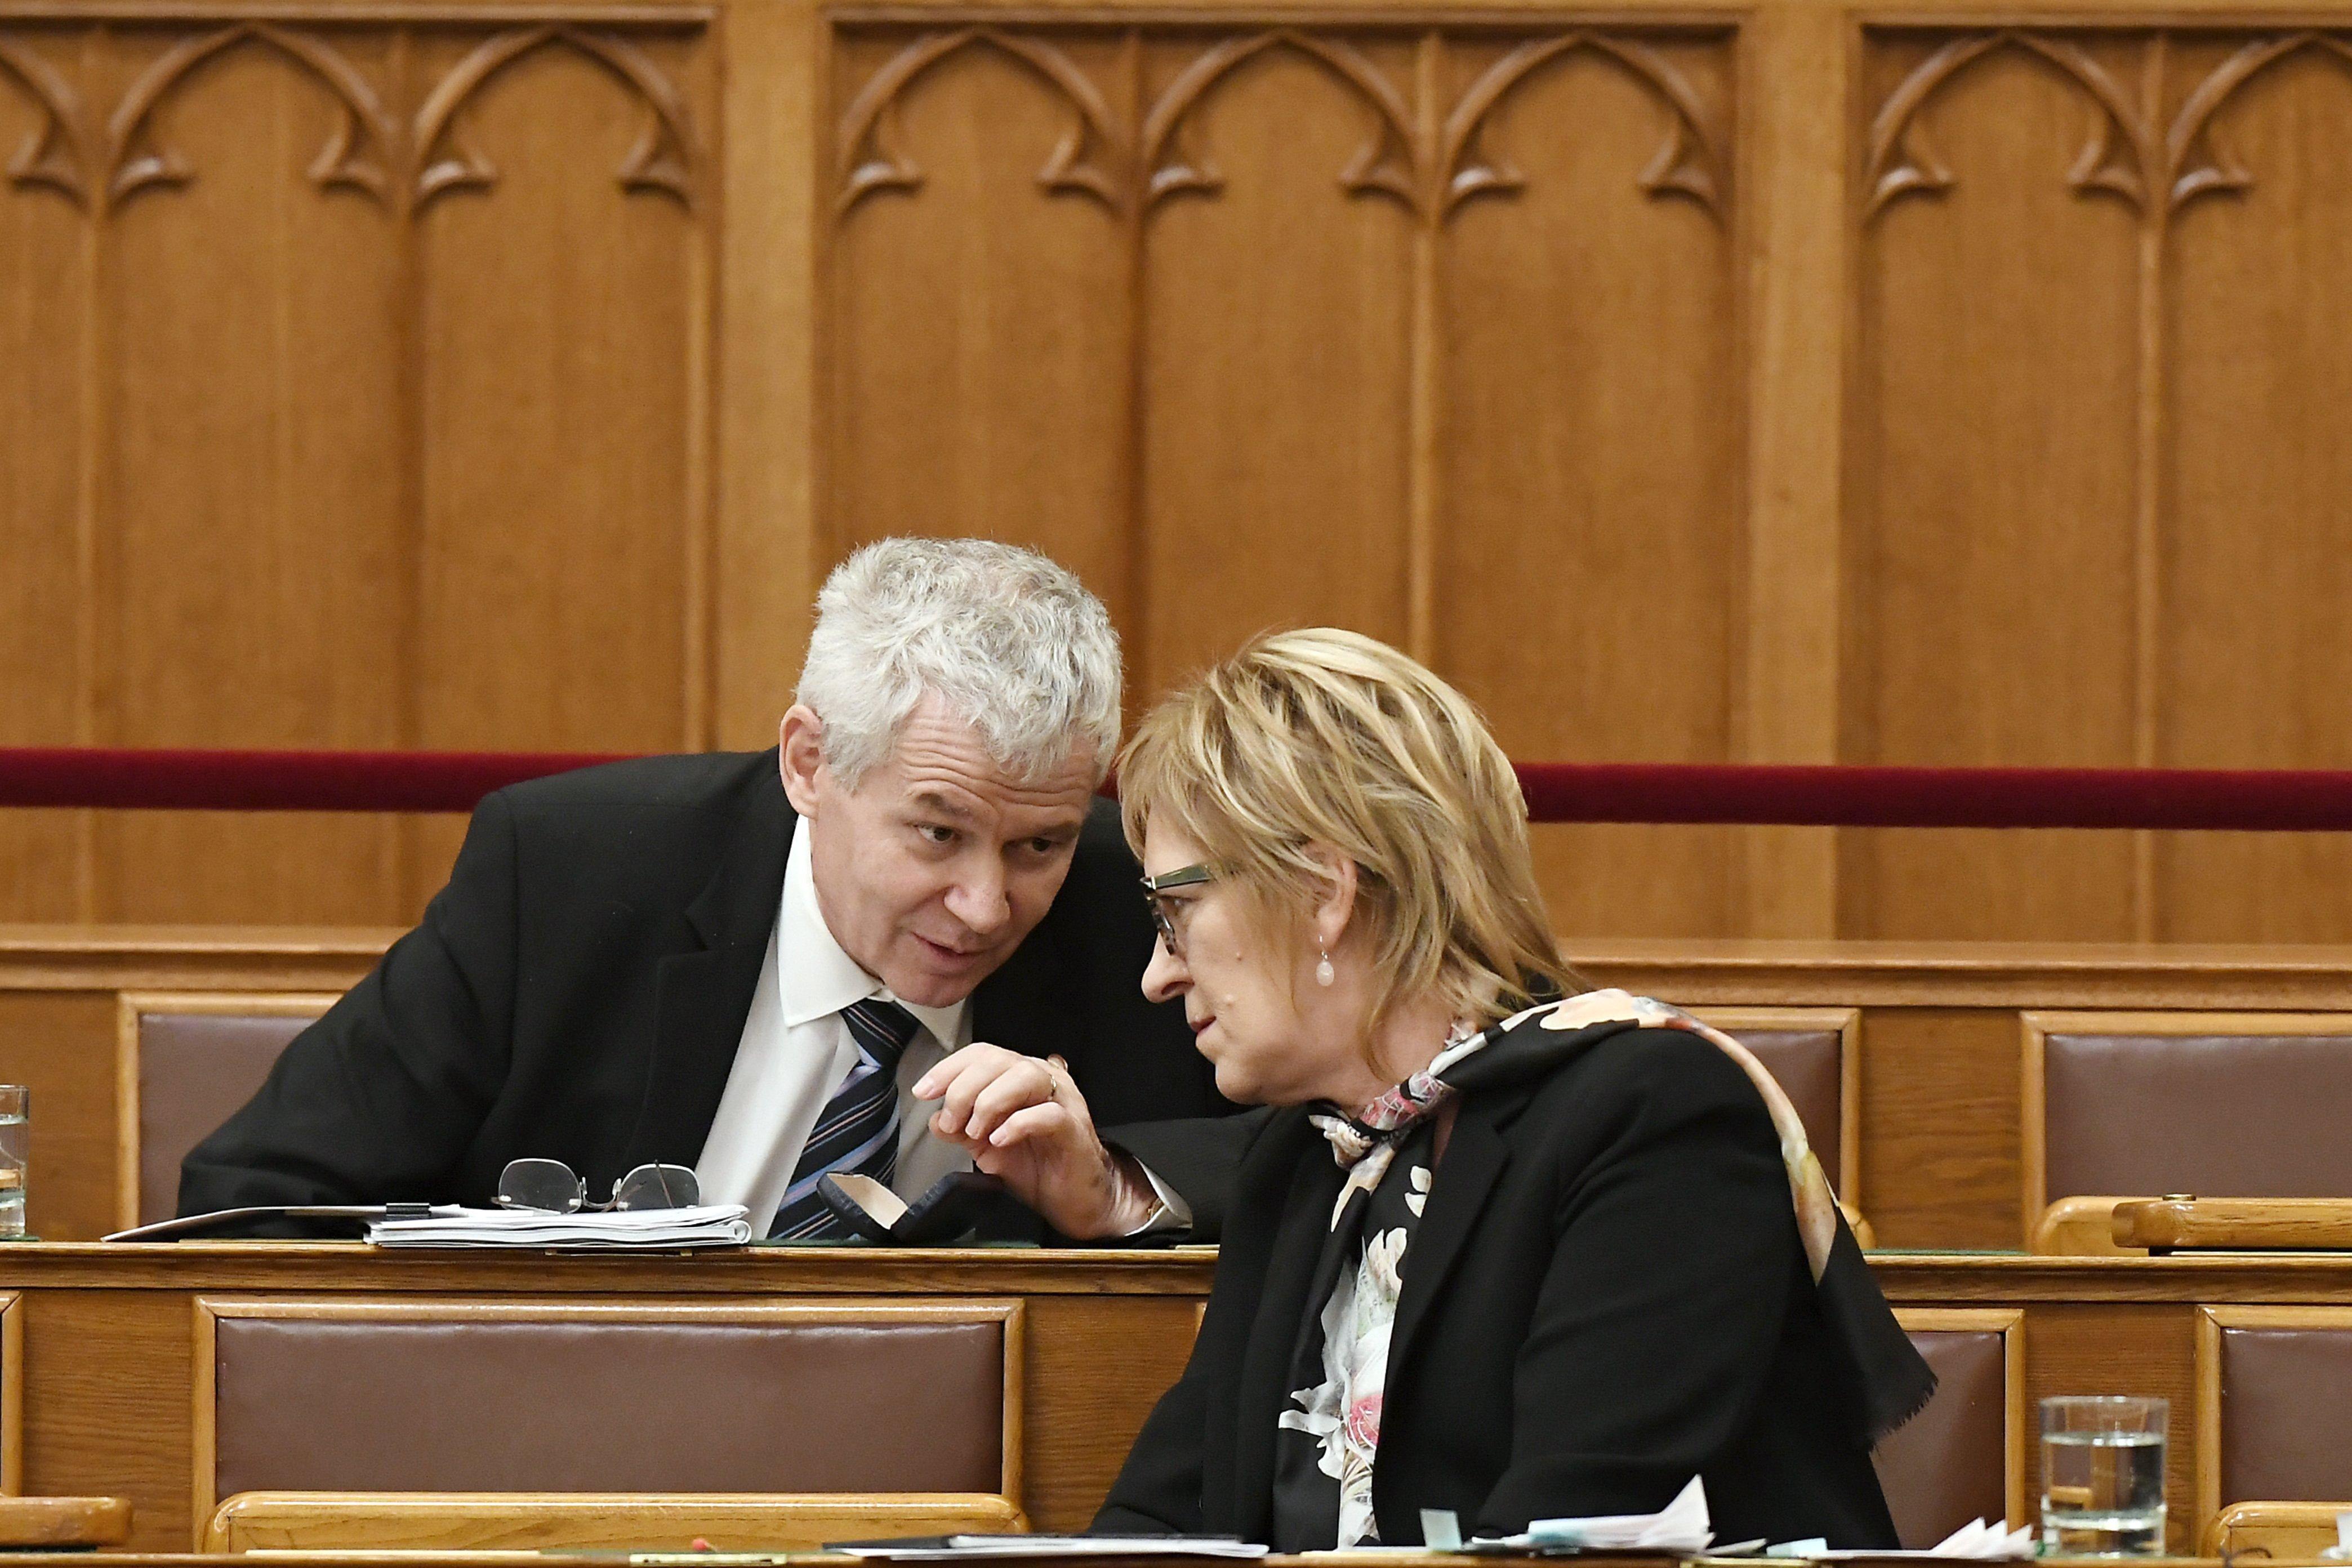 Két éve Handó Tünde hivatala ezerszer keményebben kritizálta a kormány különbíróságos tervét, mint a bírák, akiket most hazaárulónak nevezett